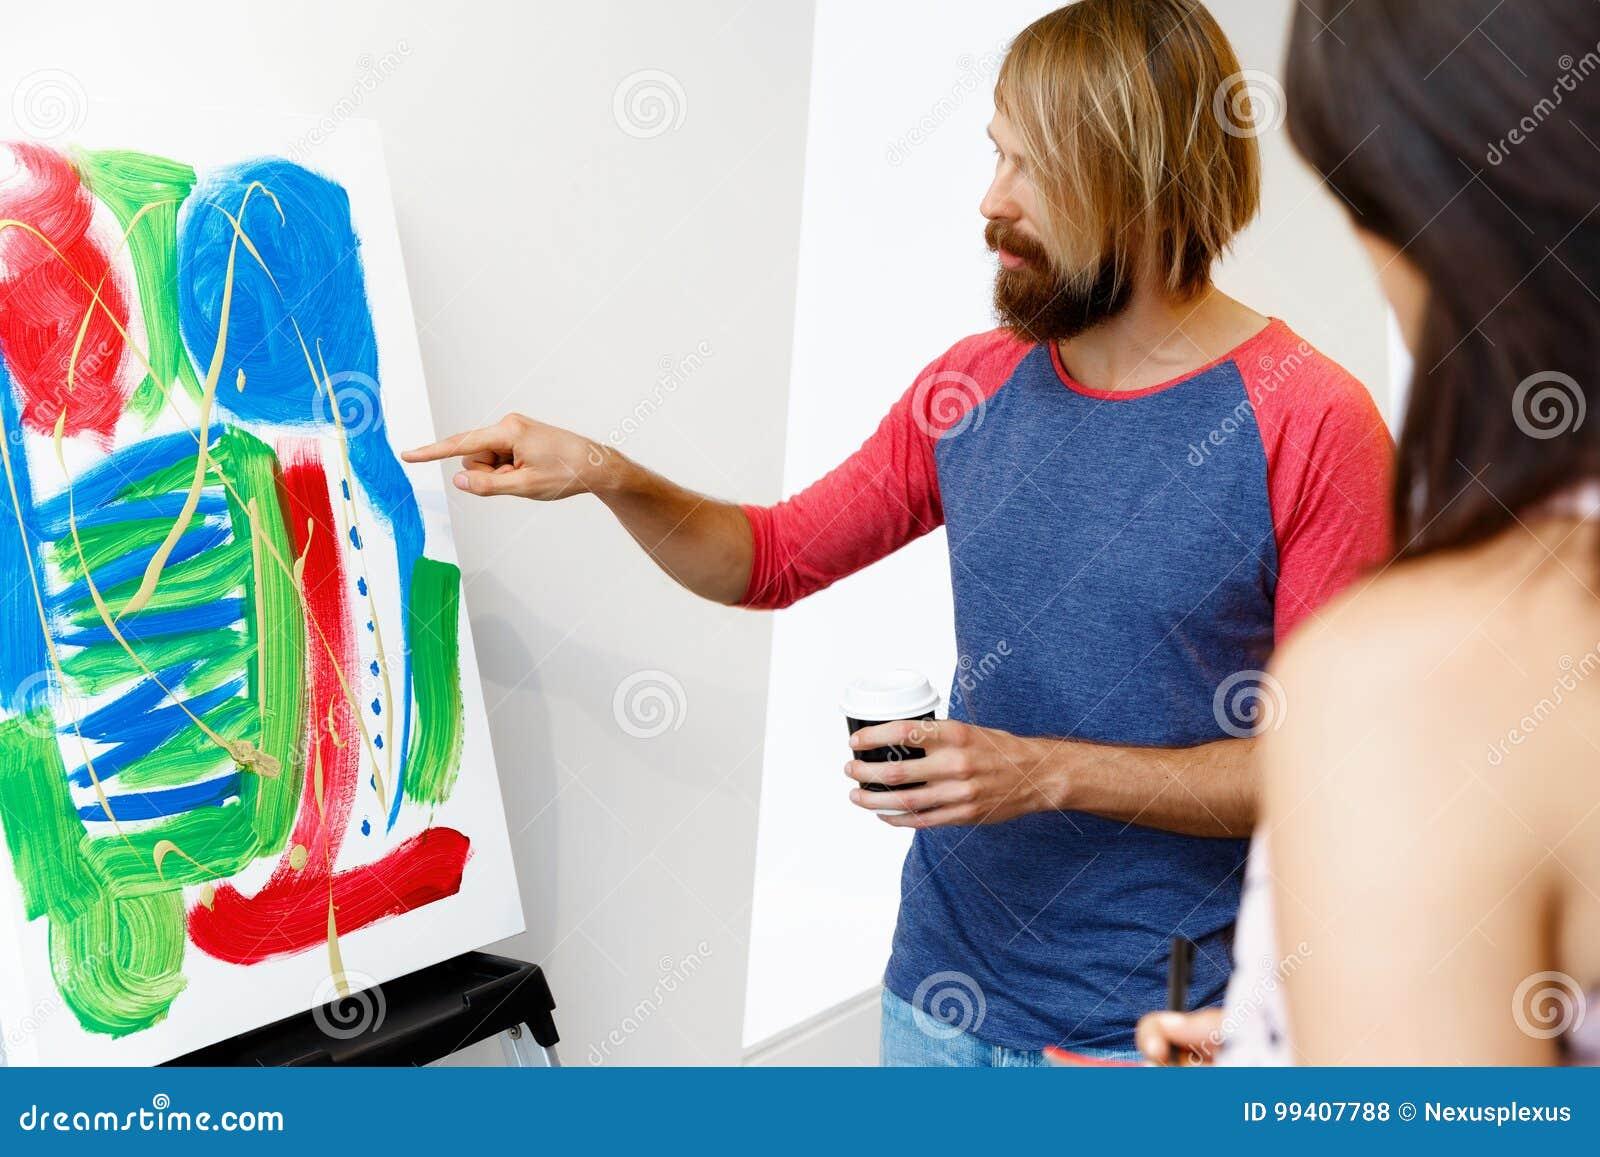 Giovani che stanno in una galleria e che contemplano materiale illustrativo